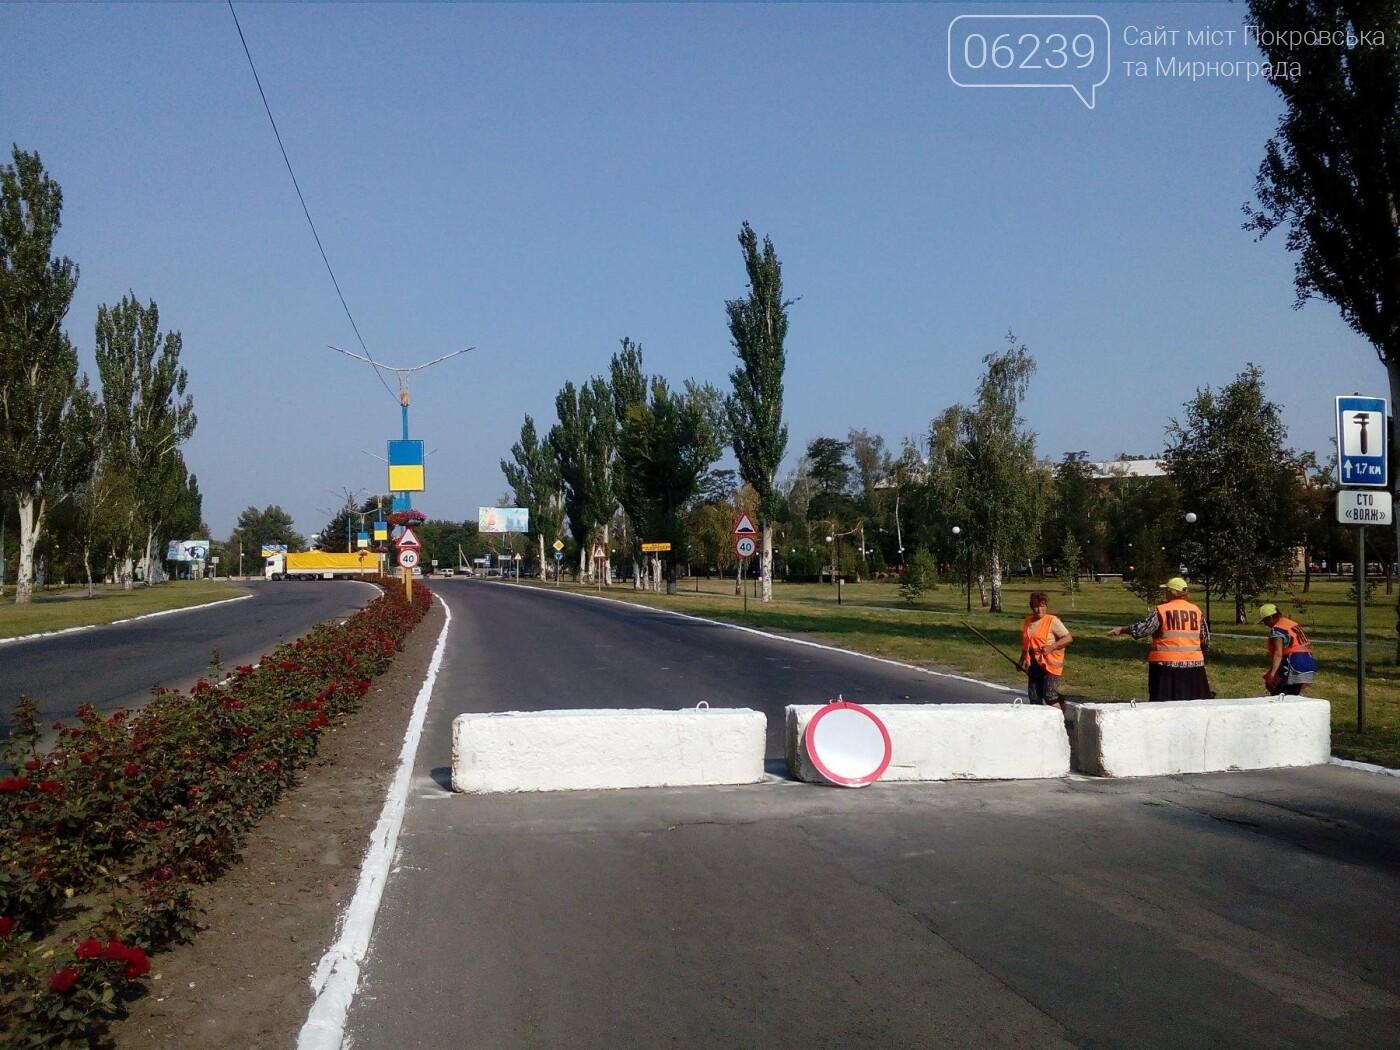 В Покровске перекрыли движение в районе кольца - по части улицы Защитников Украины, фото-5